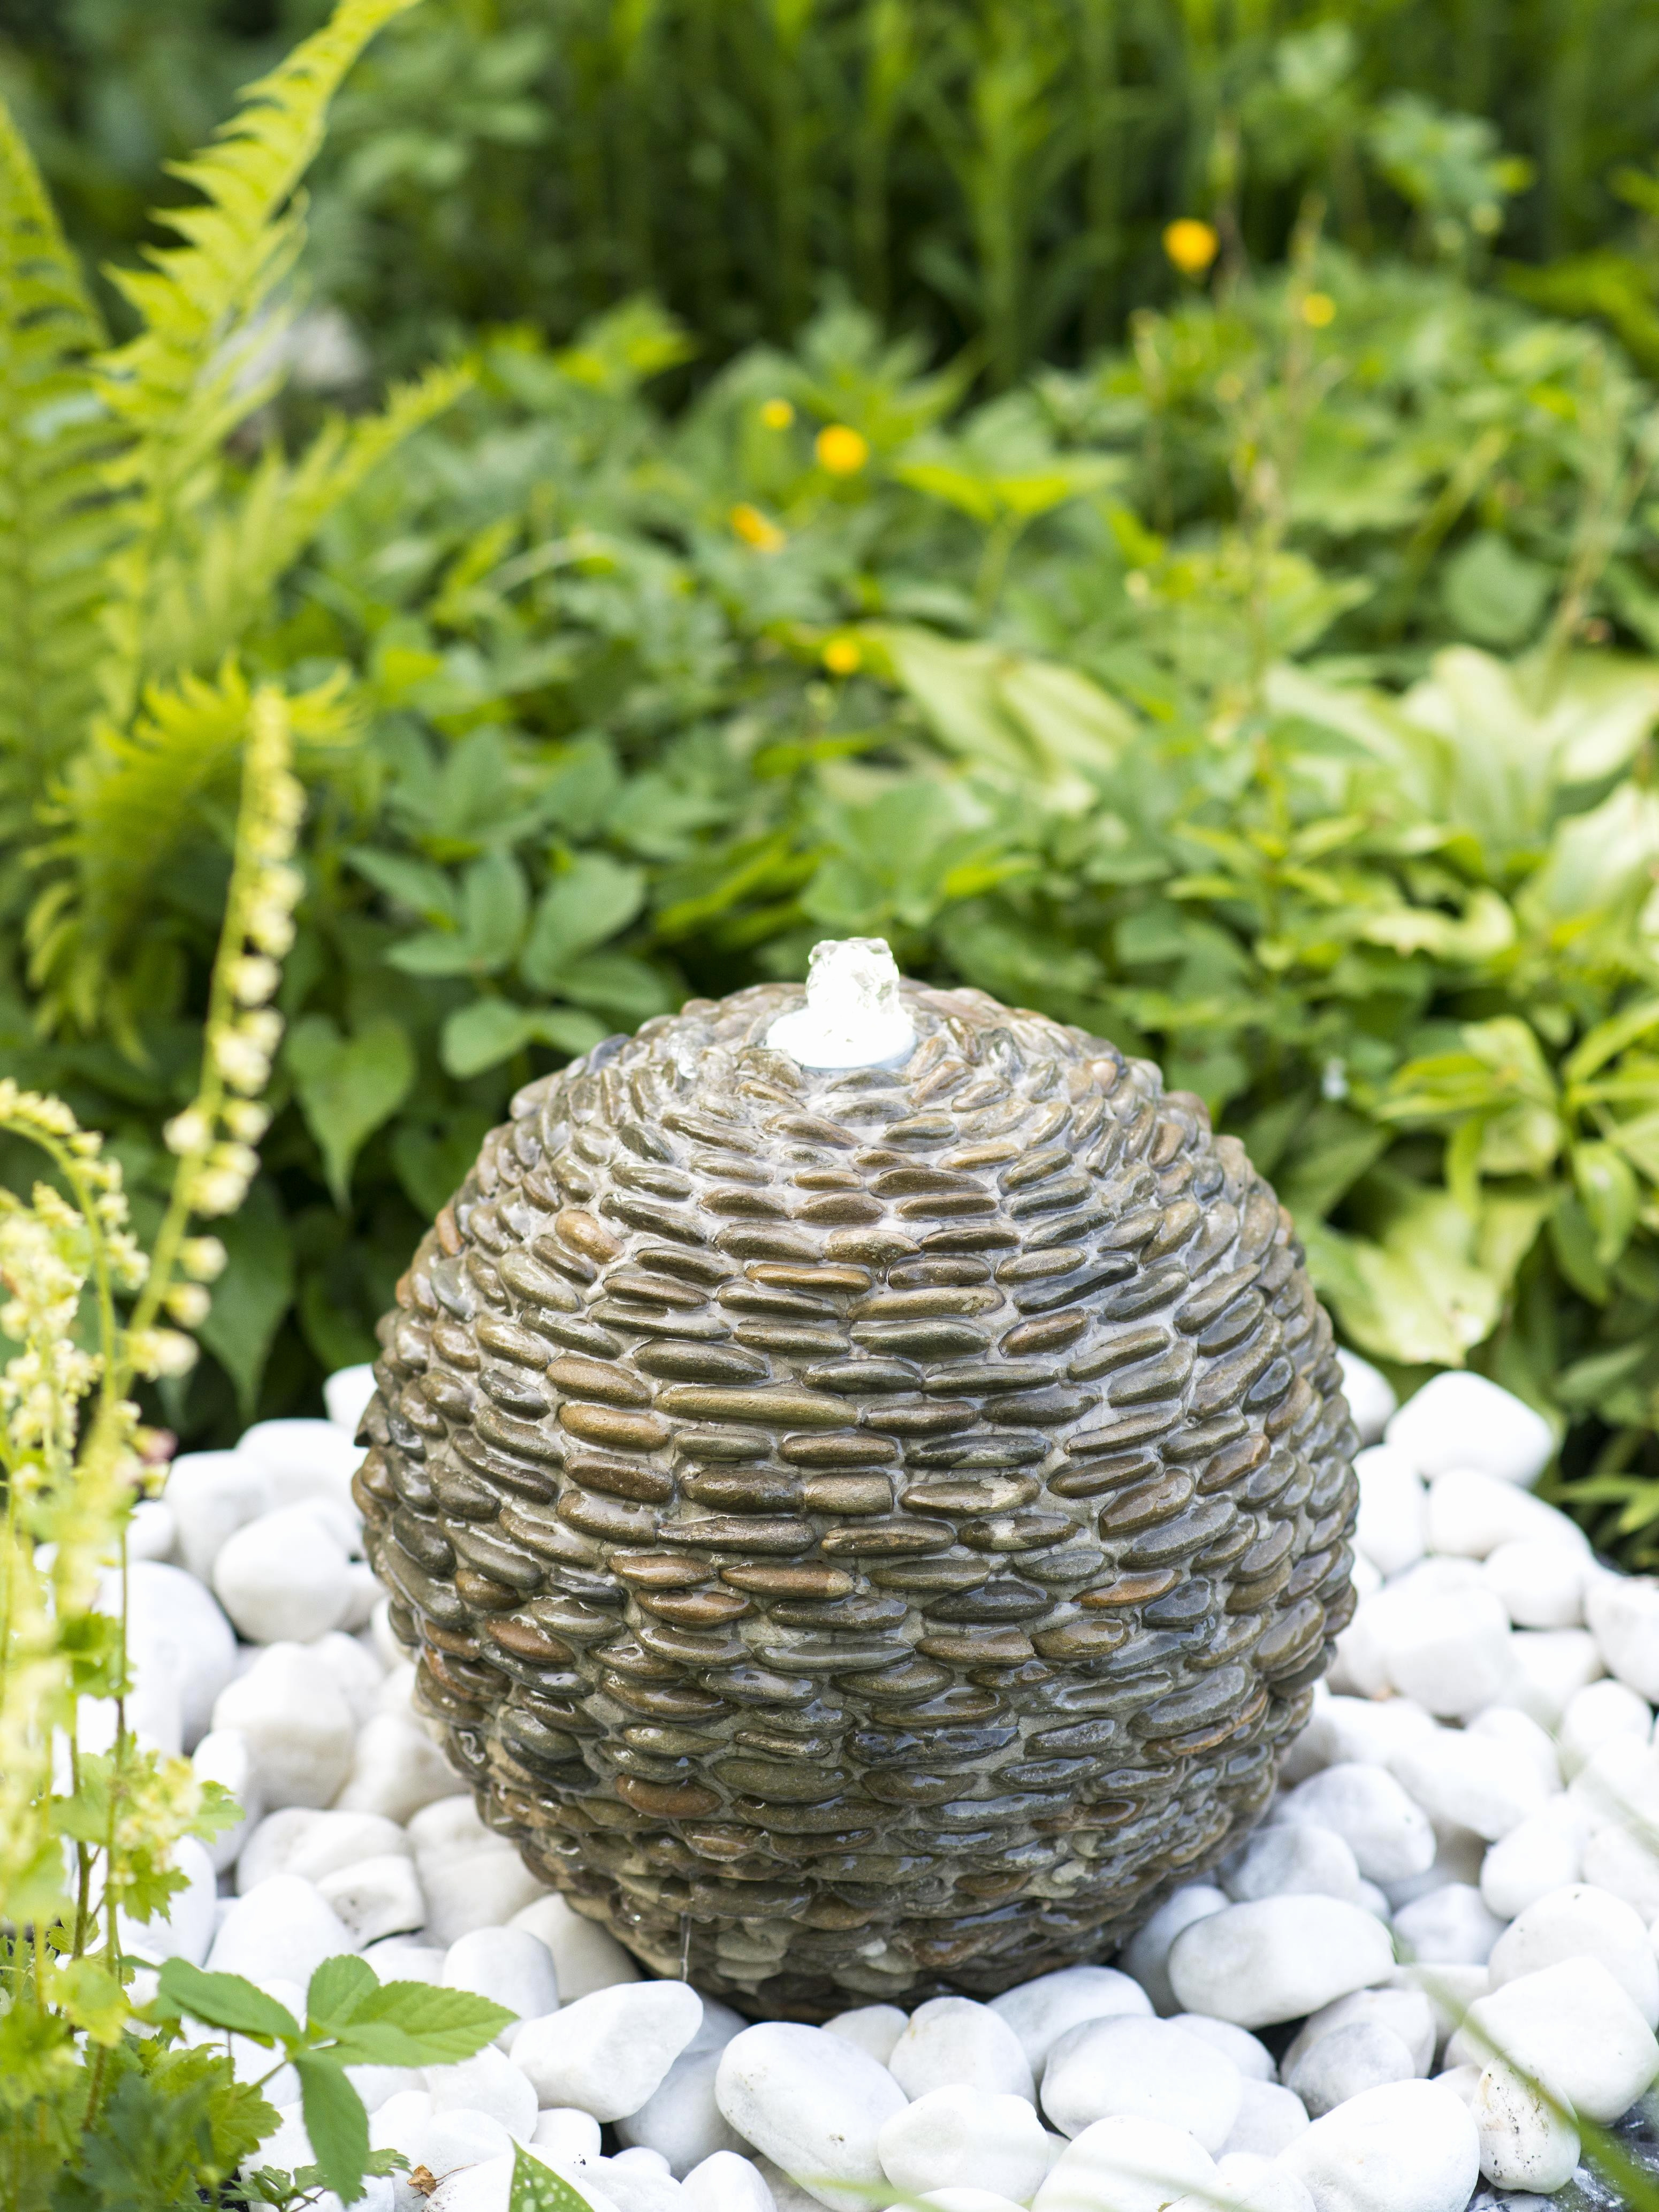 Fontaine De Jardin Jardiland Inspirant Images Jardin Zen Miniature Avec Fontaine De Confortable Jardin Hermosa